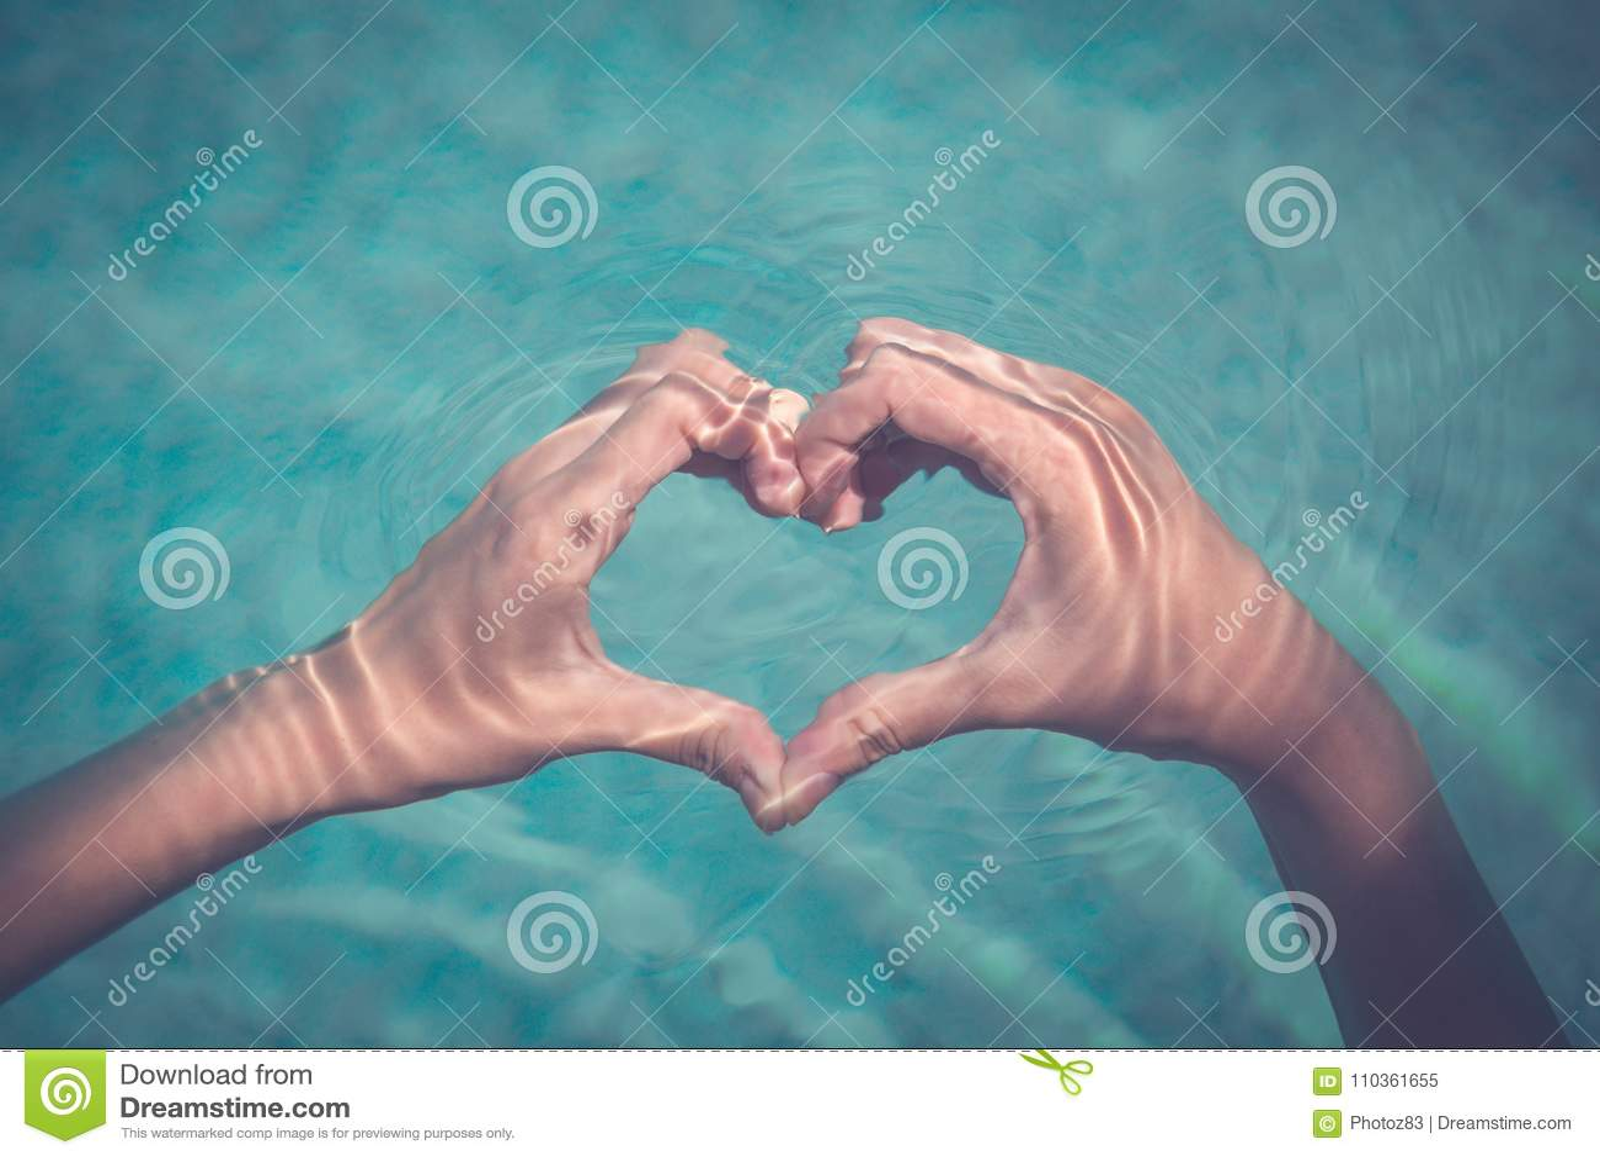 女性制造的心脏形状用手在水中